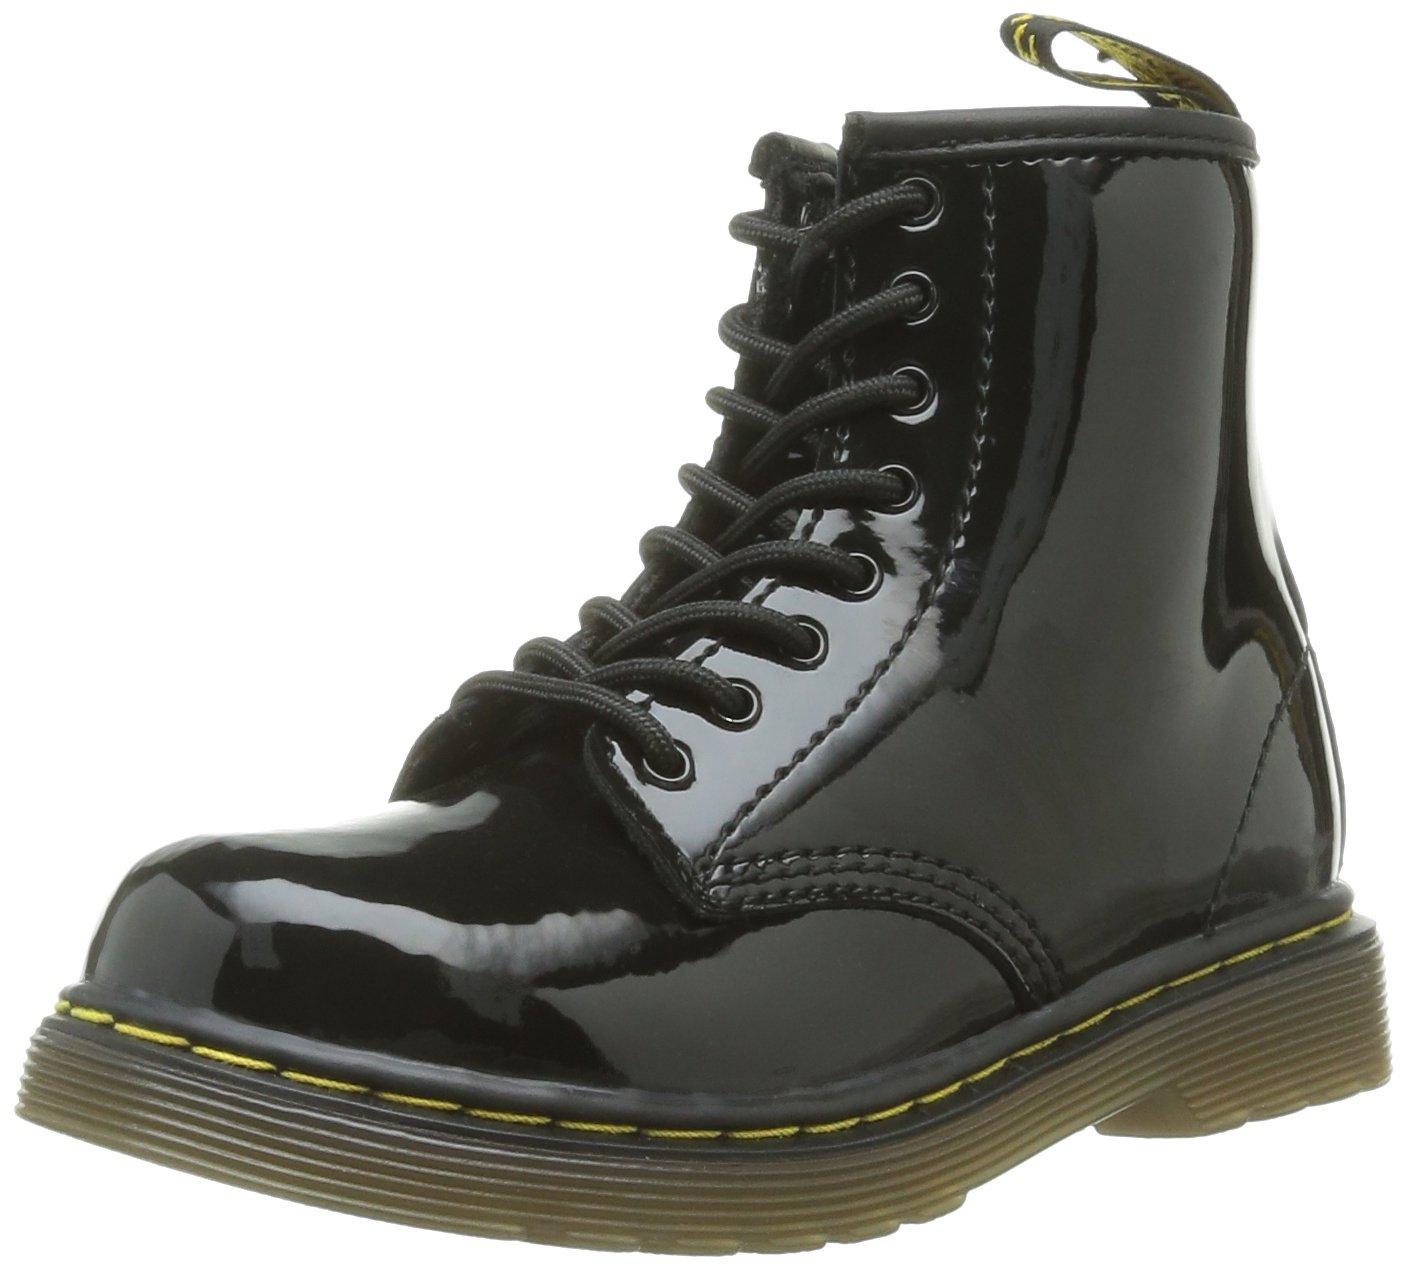 Dr. (Black Martens Brooklee, Boots mixte bébé Noir (Black Dr. Noir Patent Lamper) 307ffc5 - shopssong.space